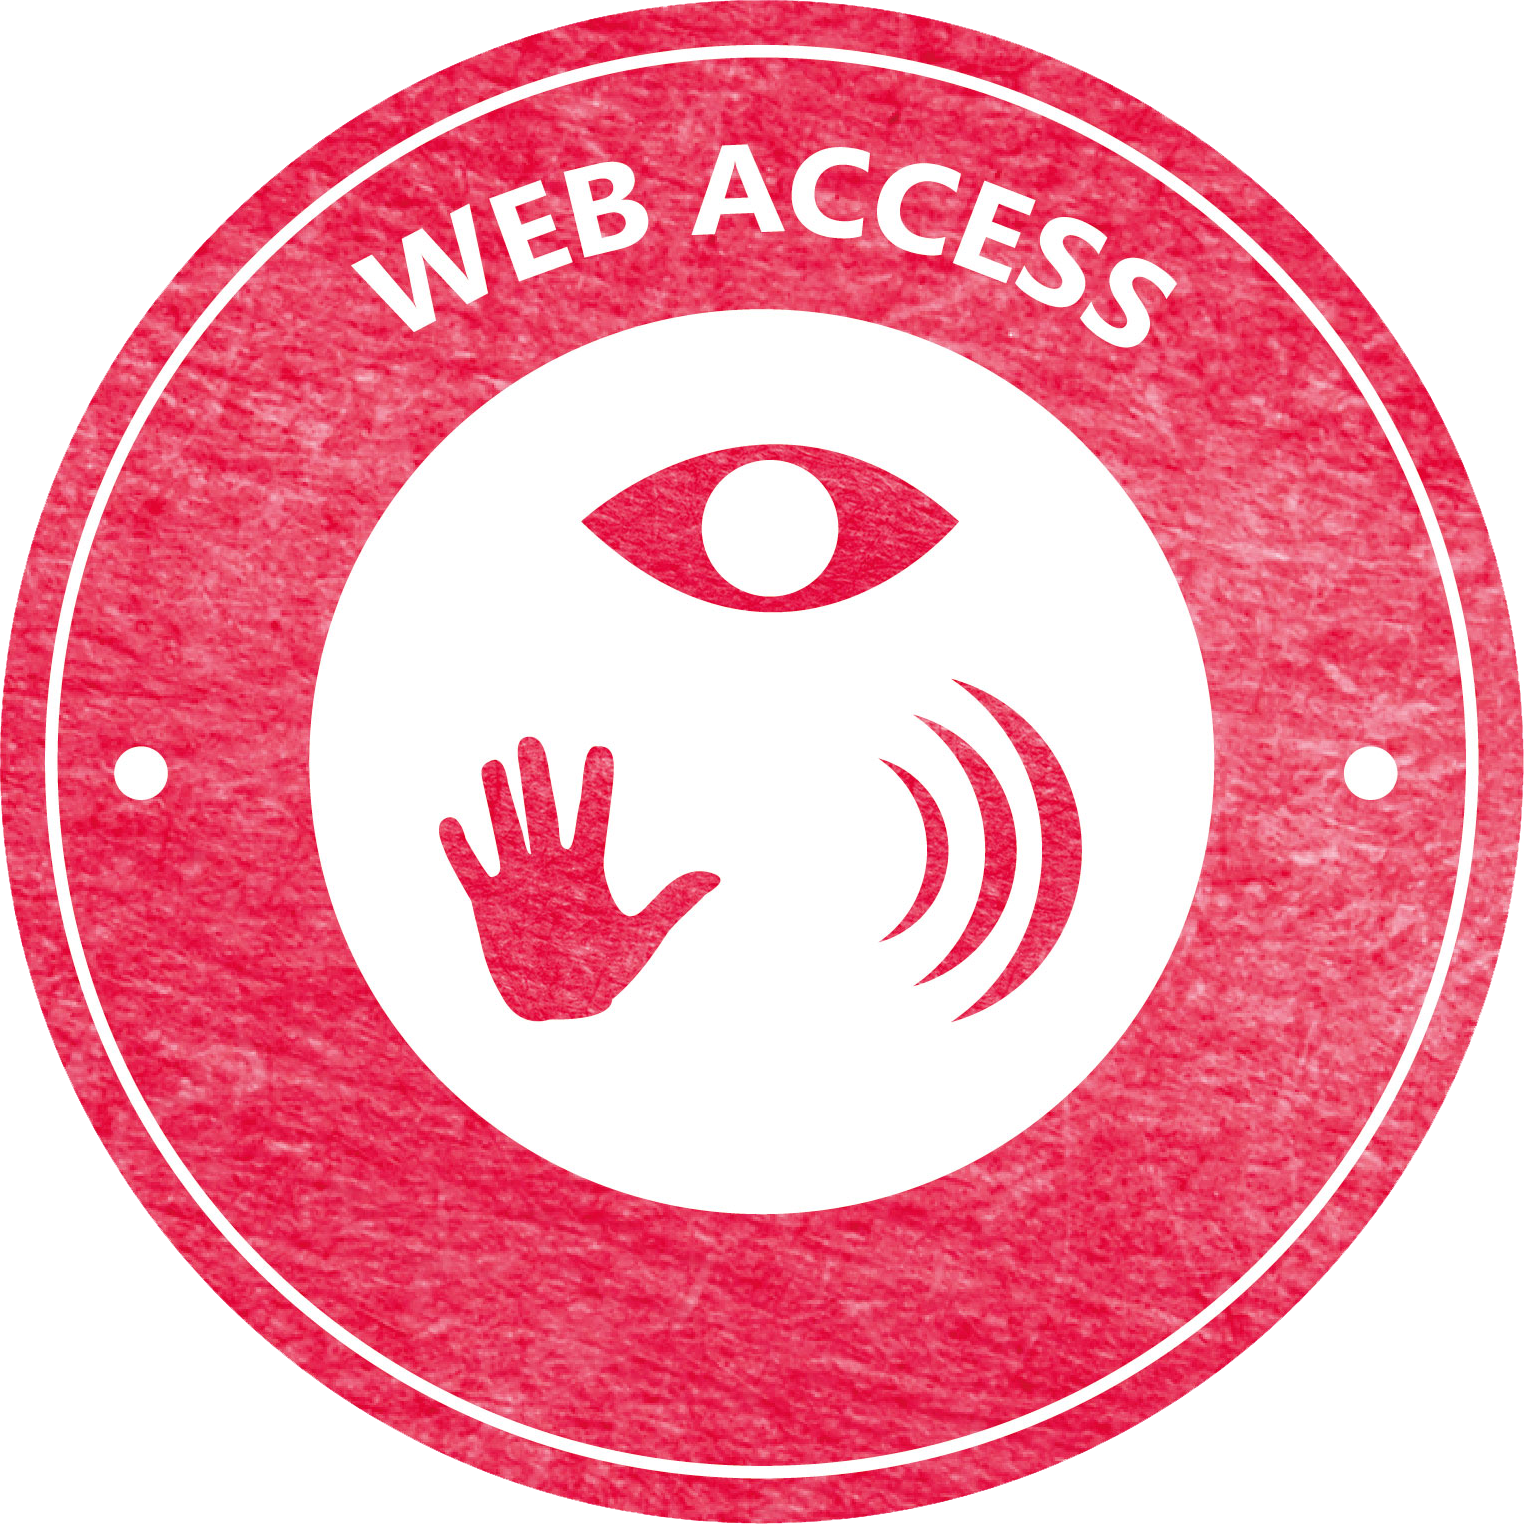 Distintivo de Accesibilidad Web